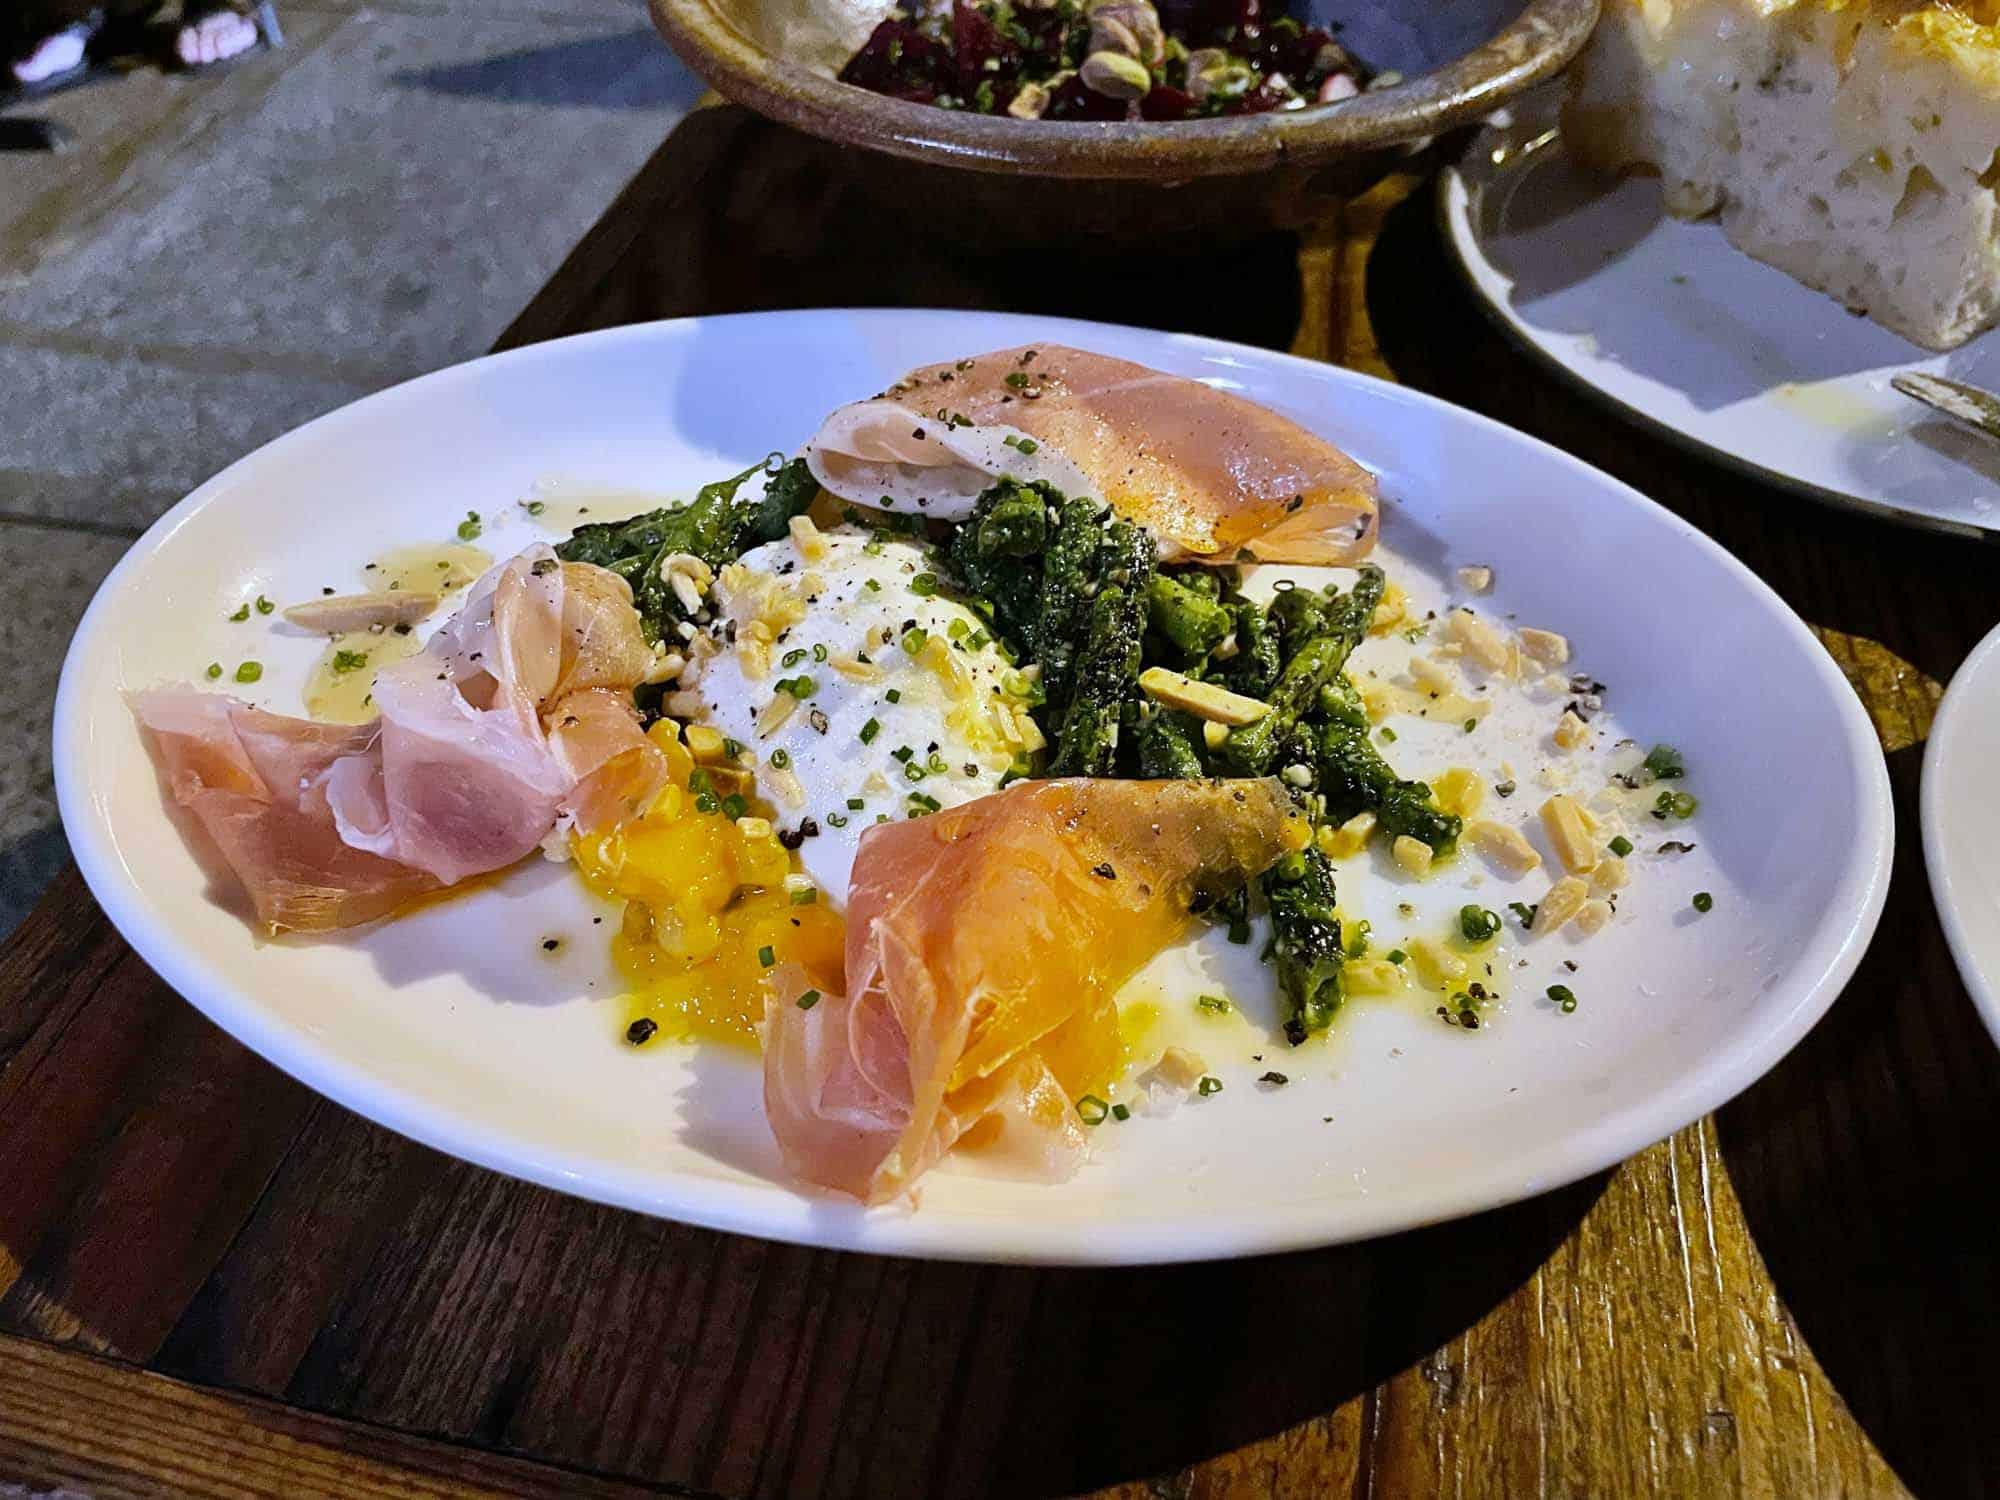 Burrata and prosciutto on plate